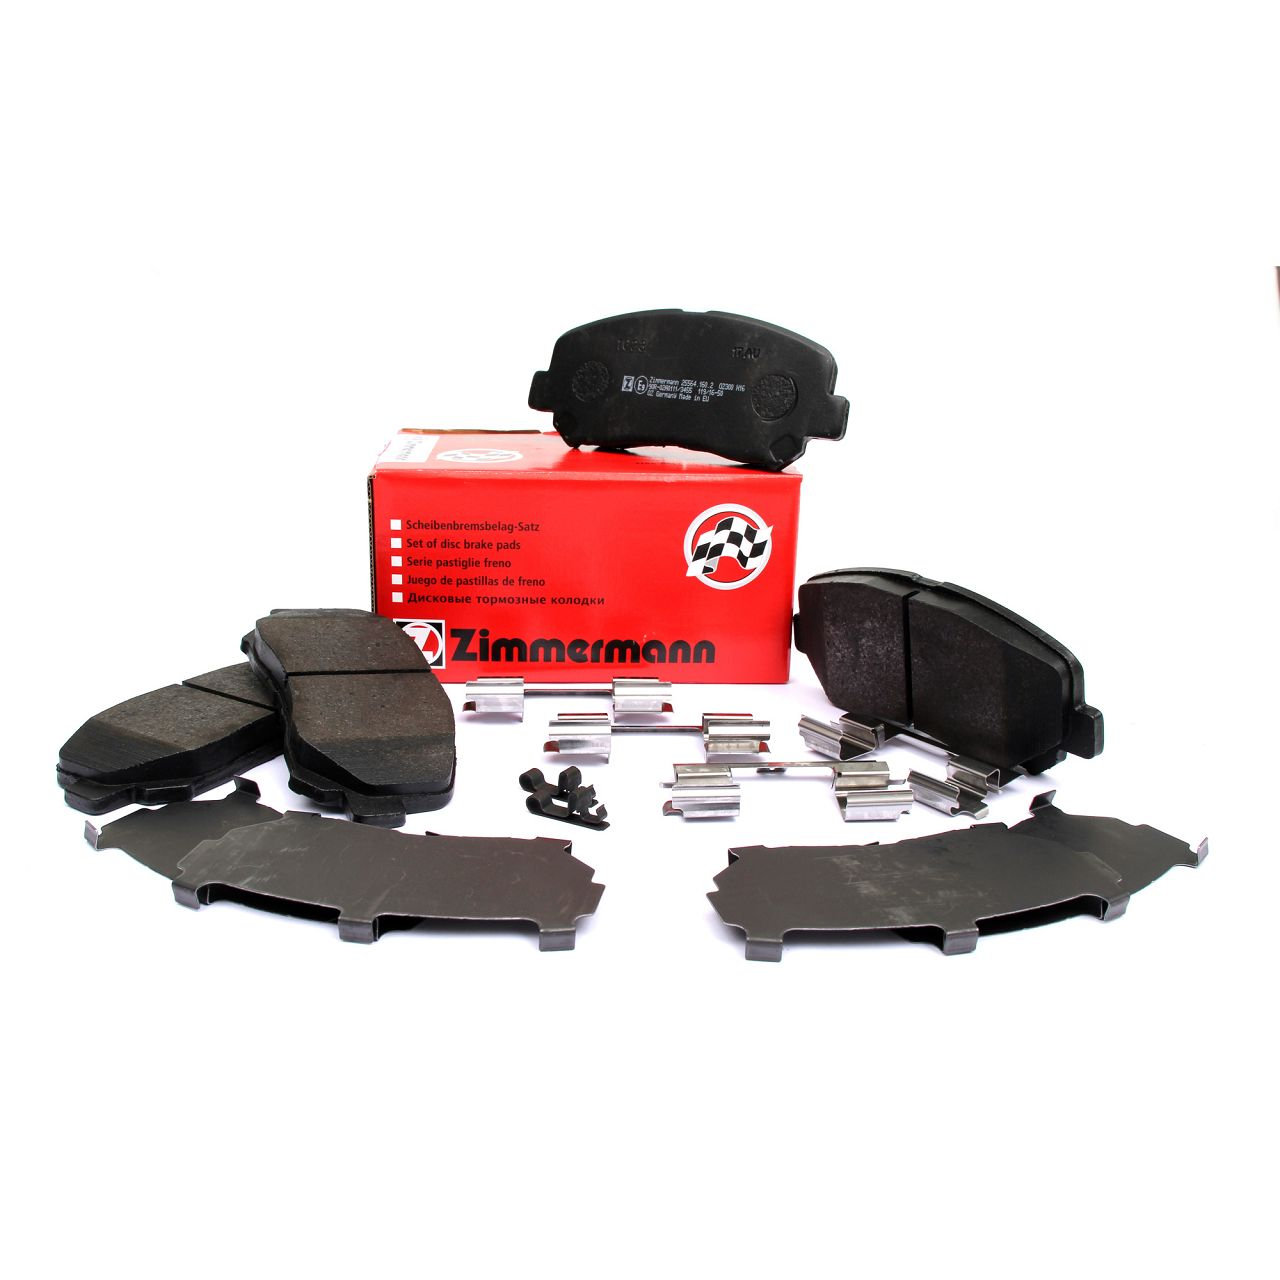 ZIMMERMANN Bremsbeläge Bremsbelagsatz für MAZDA CX-5 (KE, GH) + CX-5 (KF) vorne